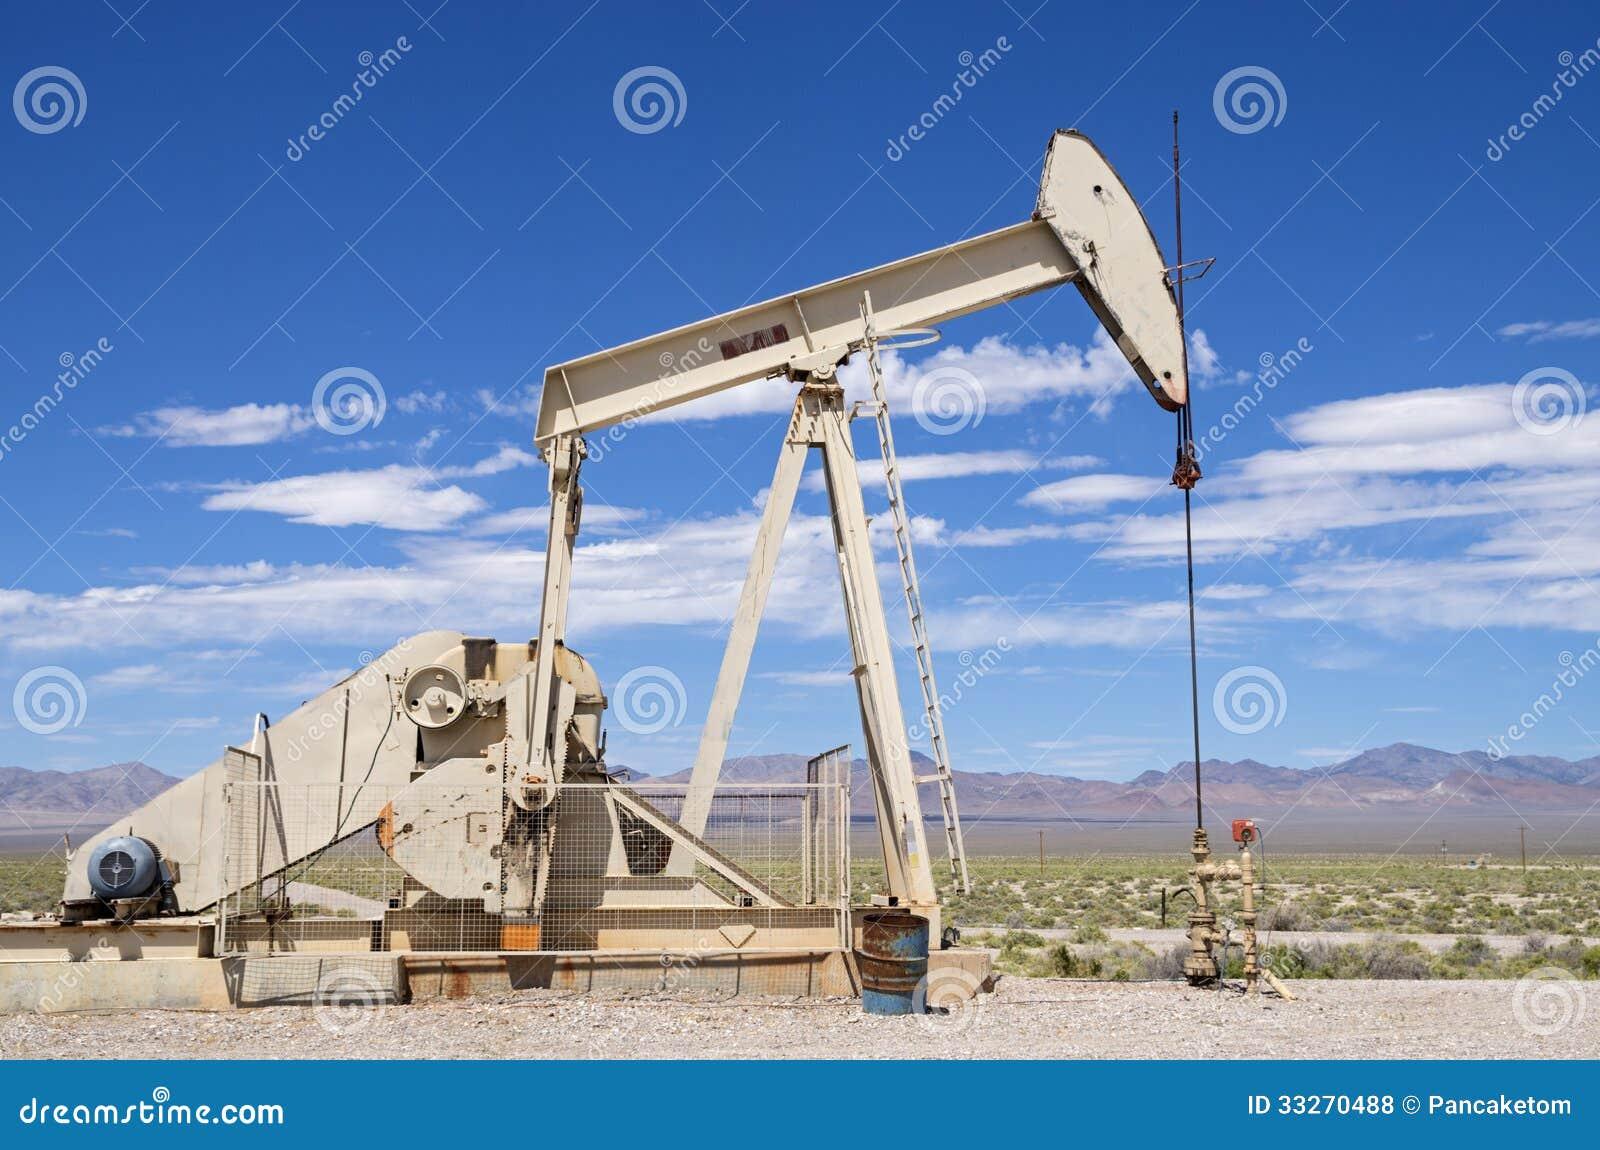 沙漠油井图片